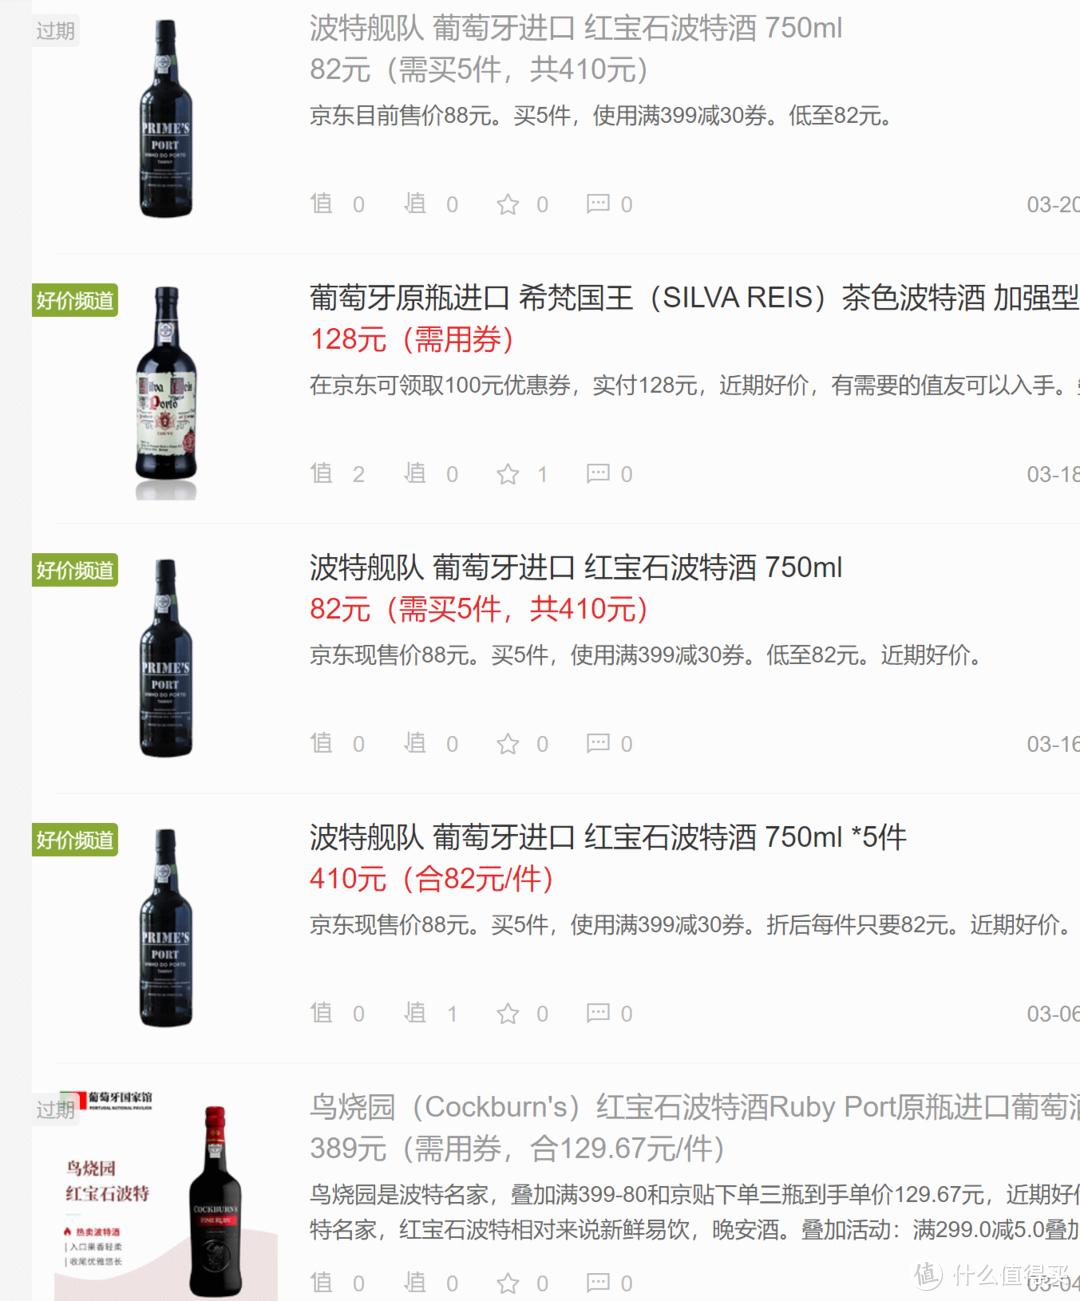 寻觅一瓶高品质性价比波特酒